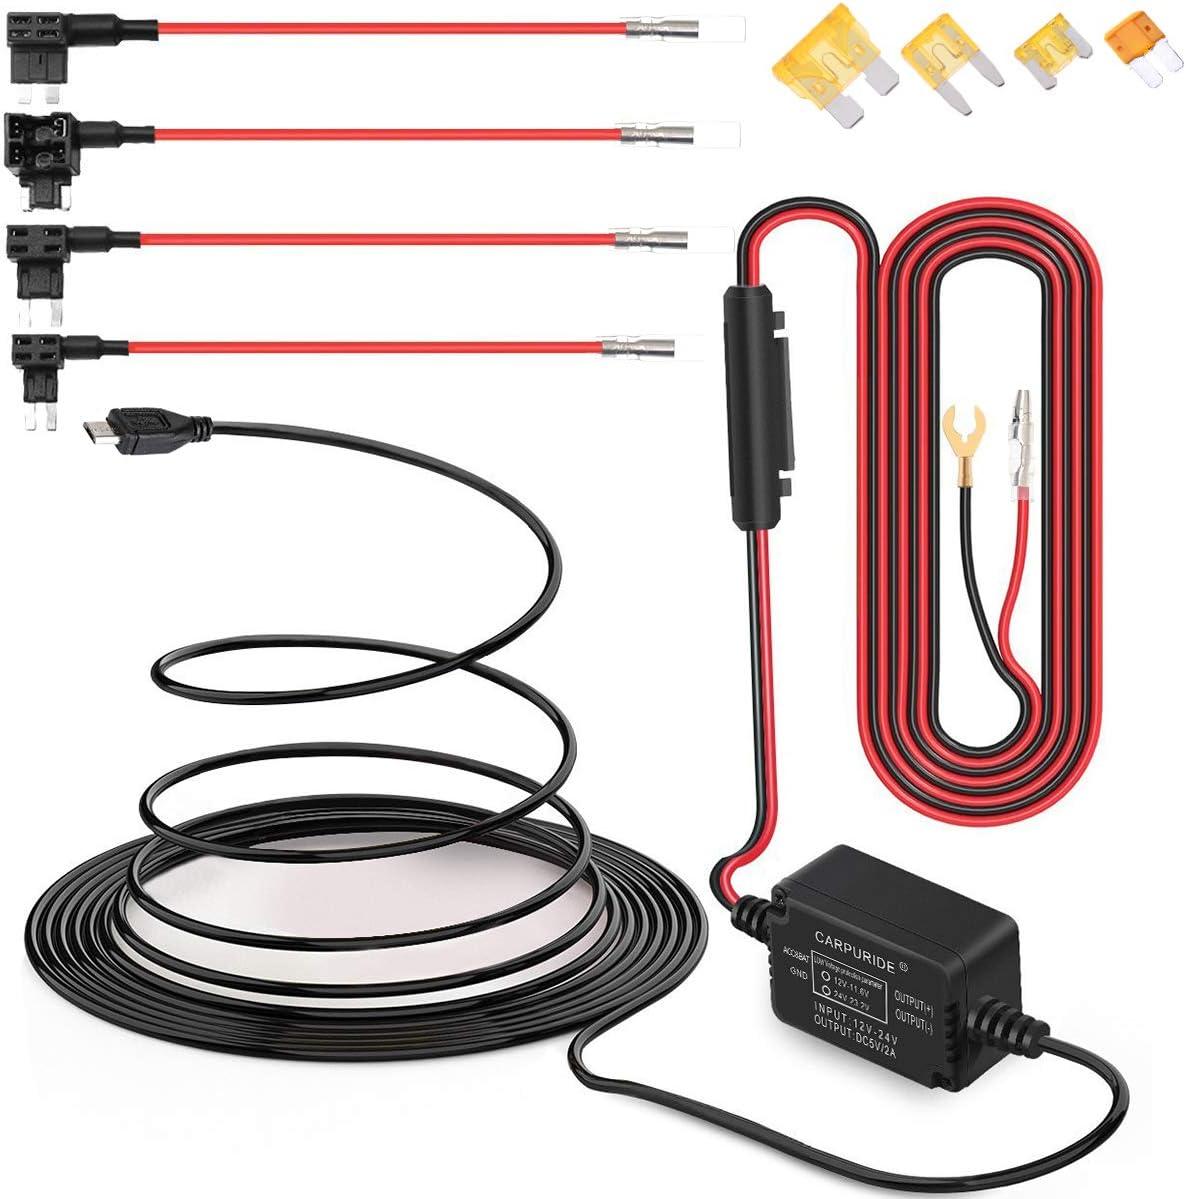 Dash CAM Hardwire Kit Micro Alambre Duro Coche Cargador Kit de Cable USB 12V - 24V a 5V para cámaras Dash GPS